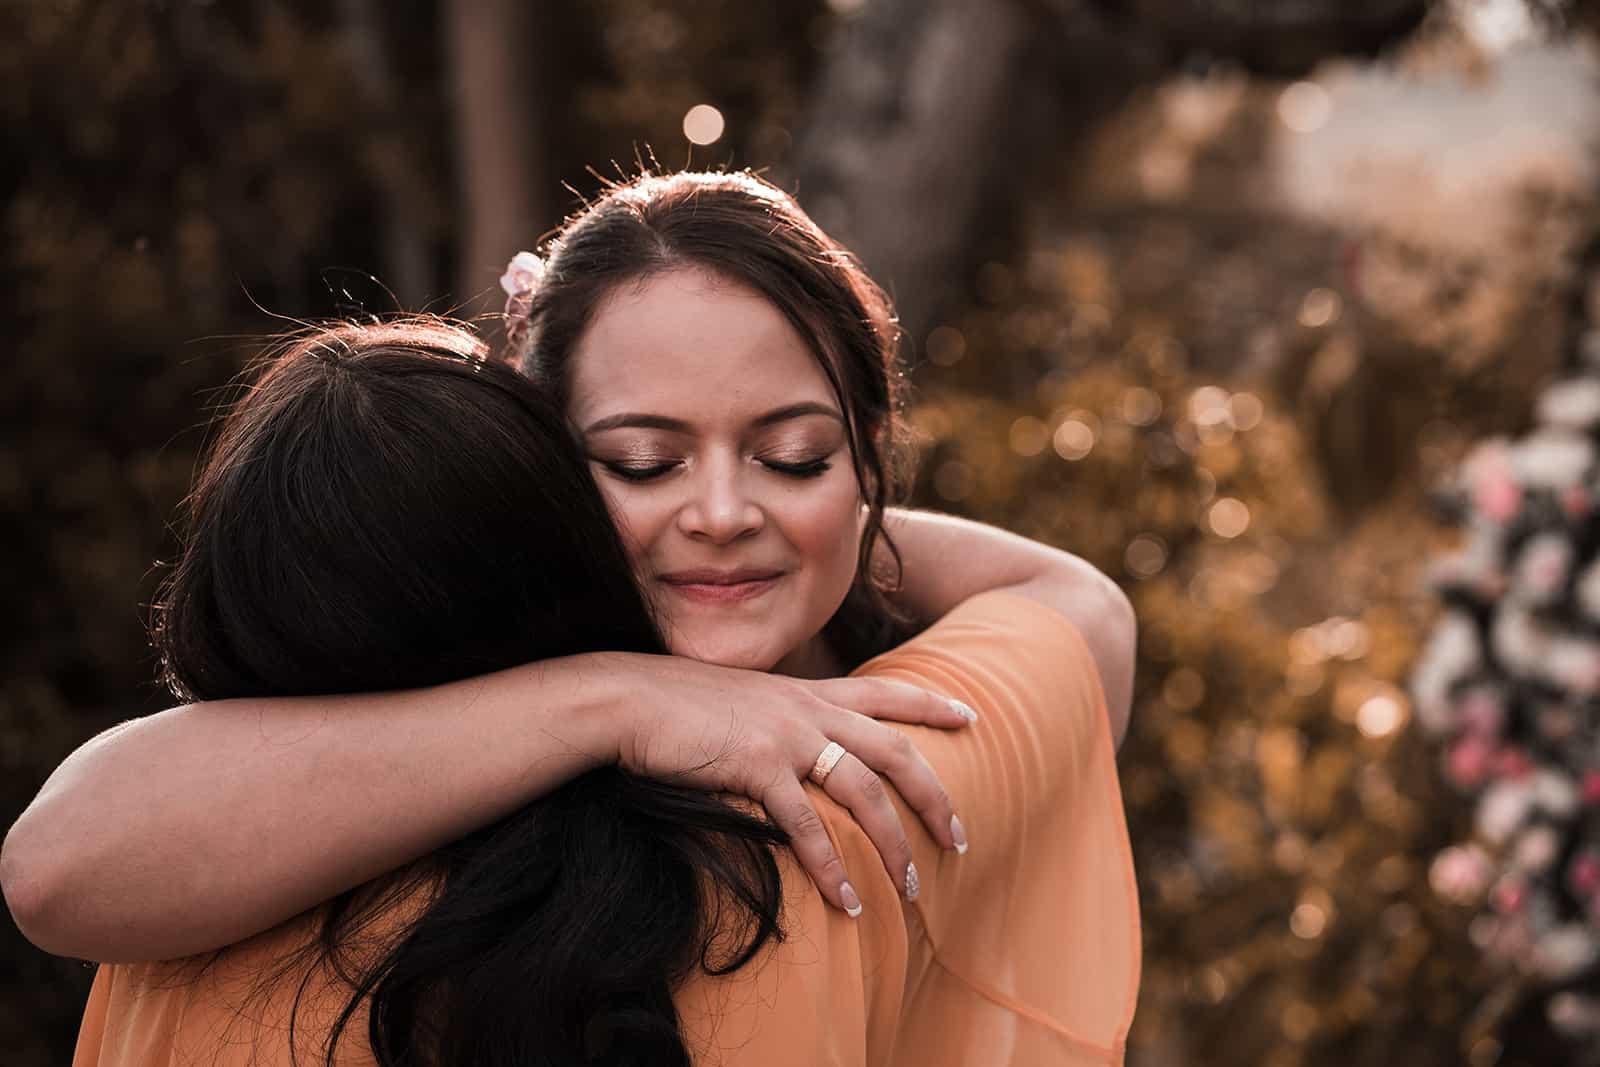 zwei Freundinnen umarmen sich, während draußen stehen